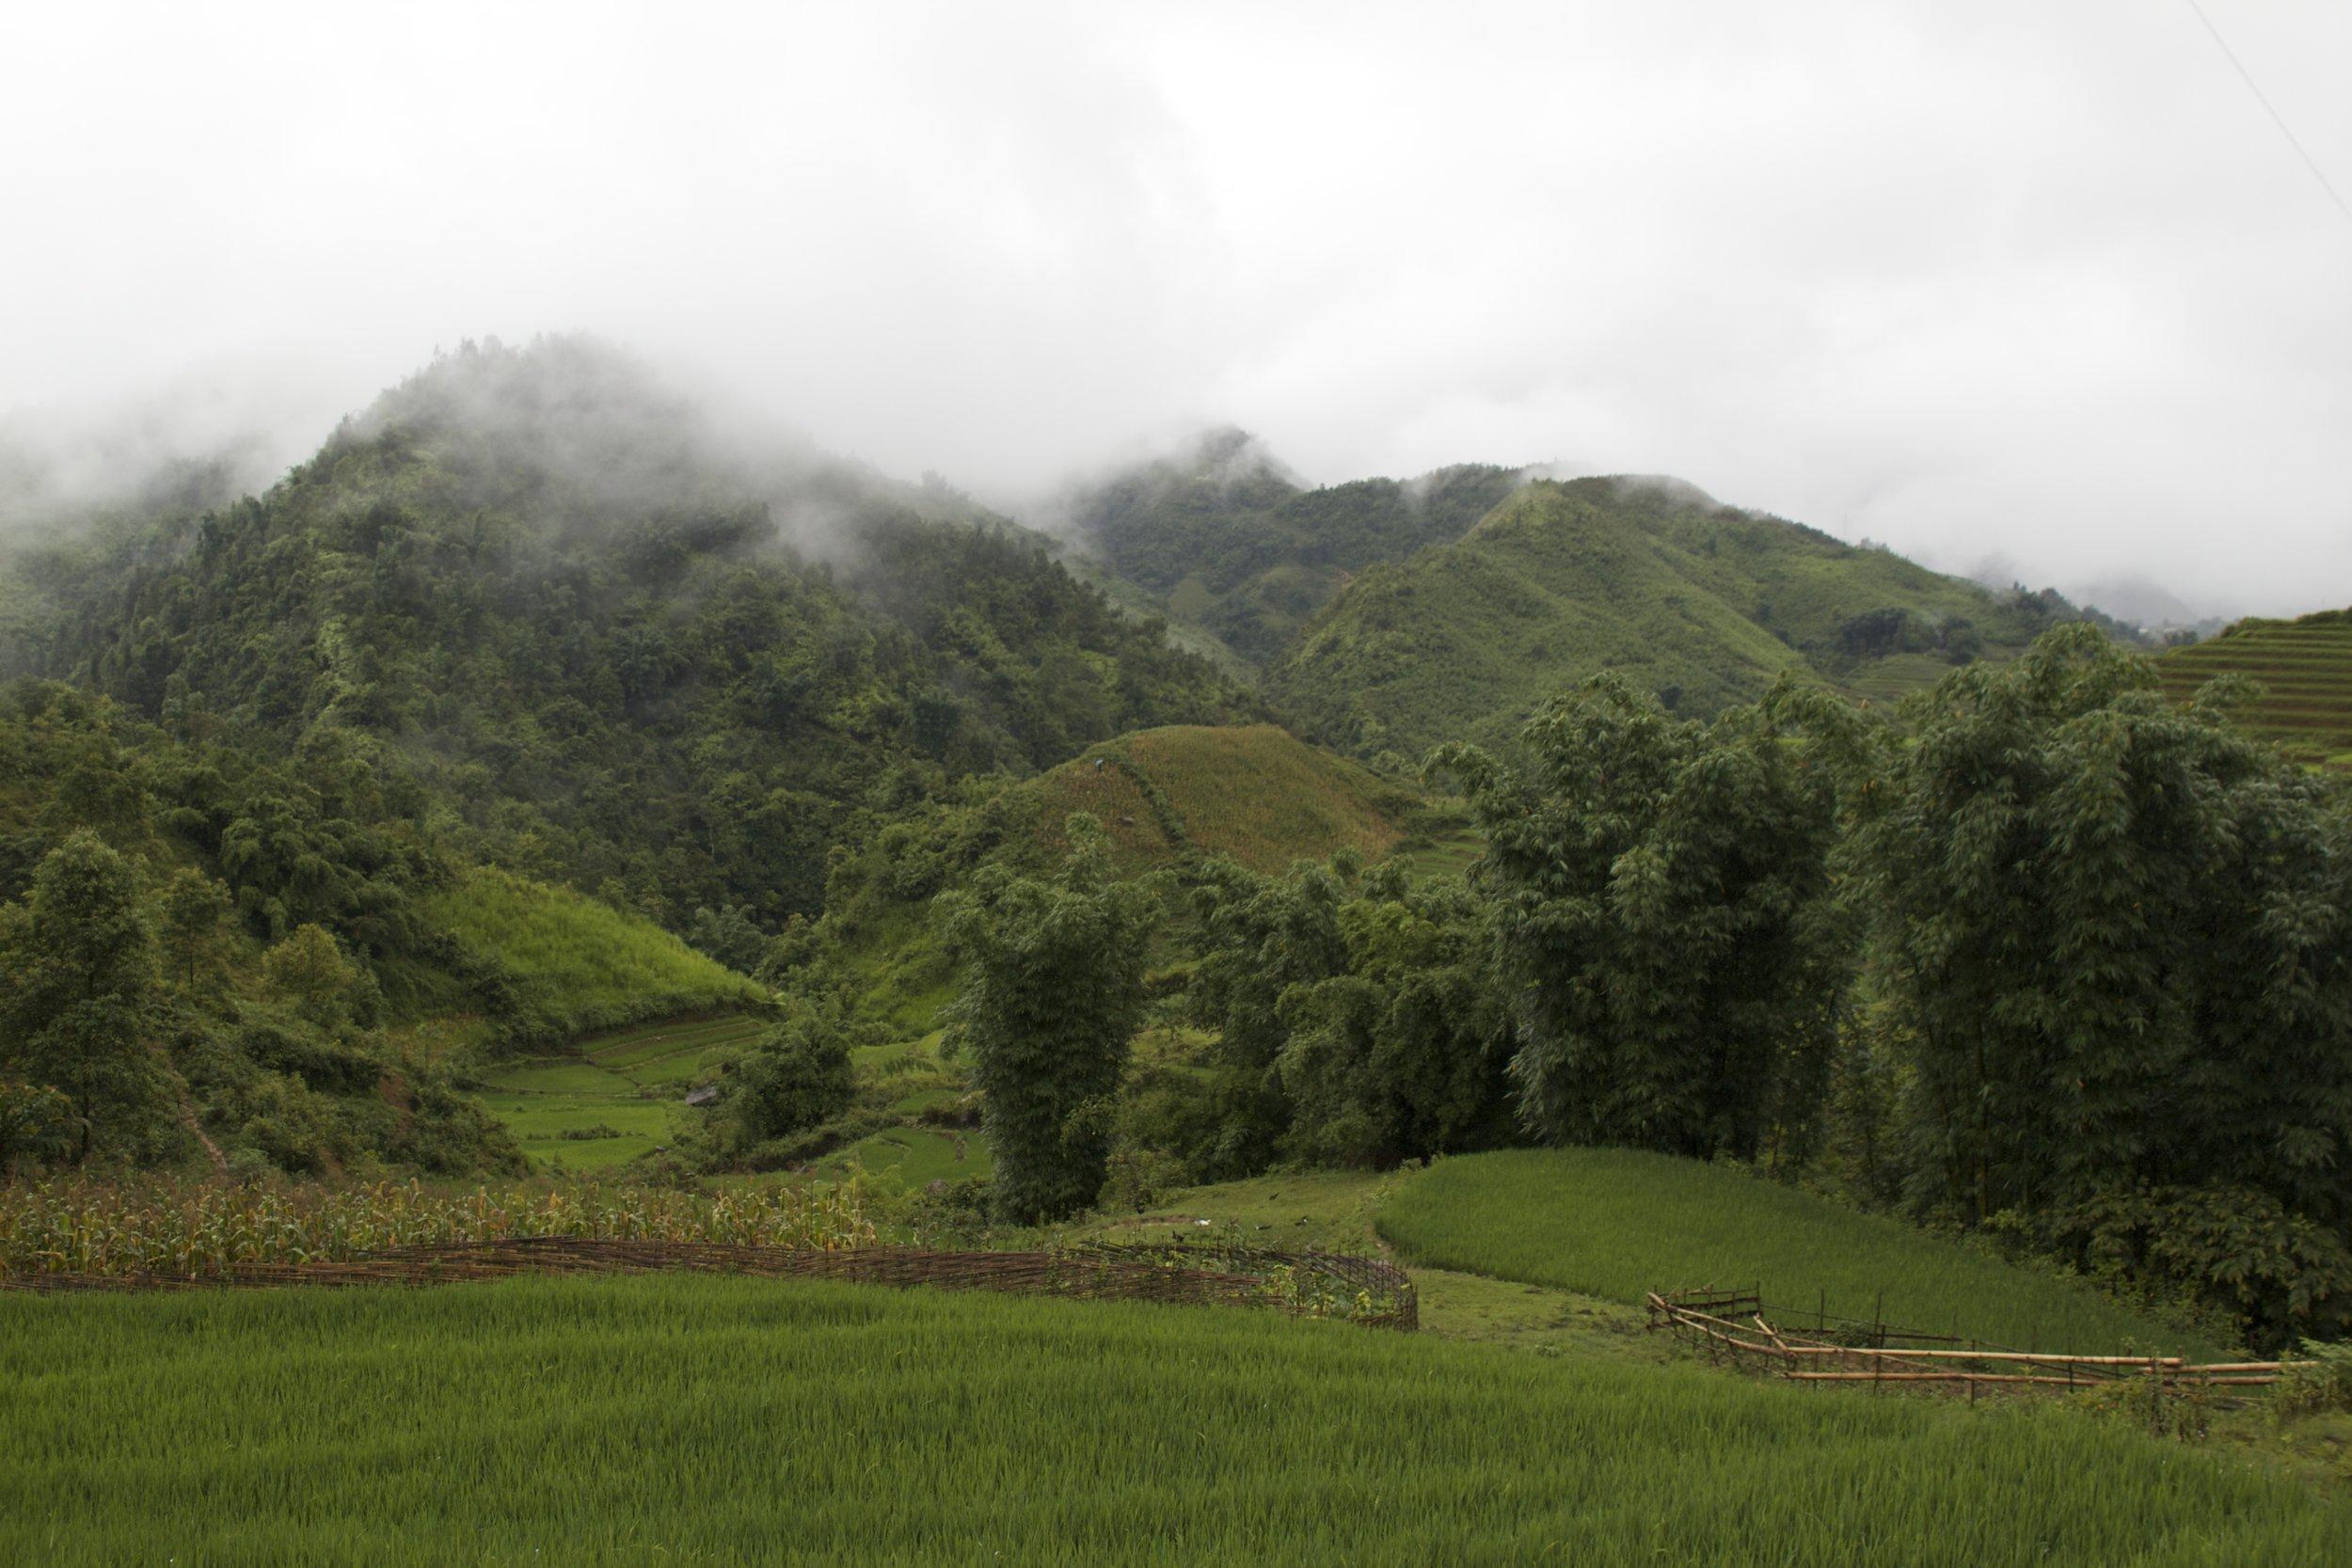 sa pa lao cai vietnam rice paddies 4.jpg